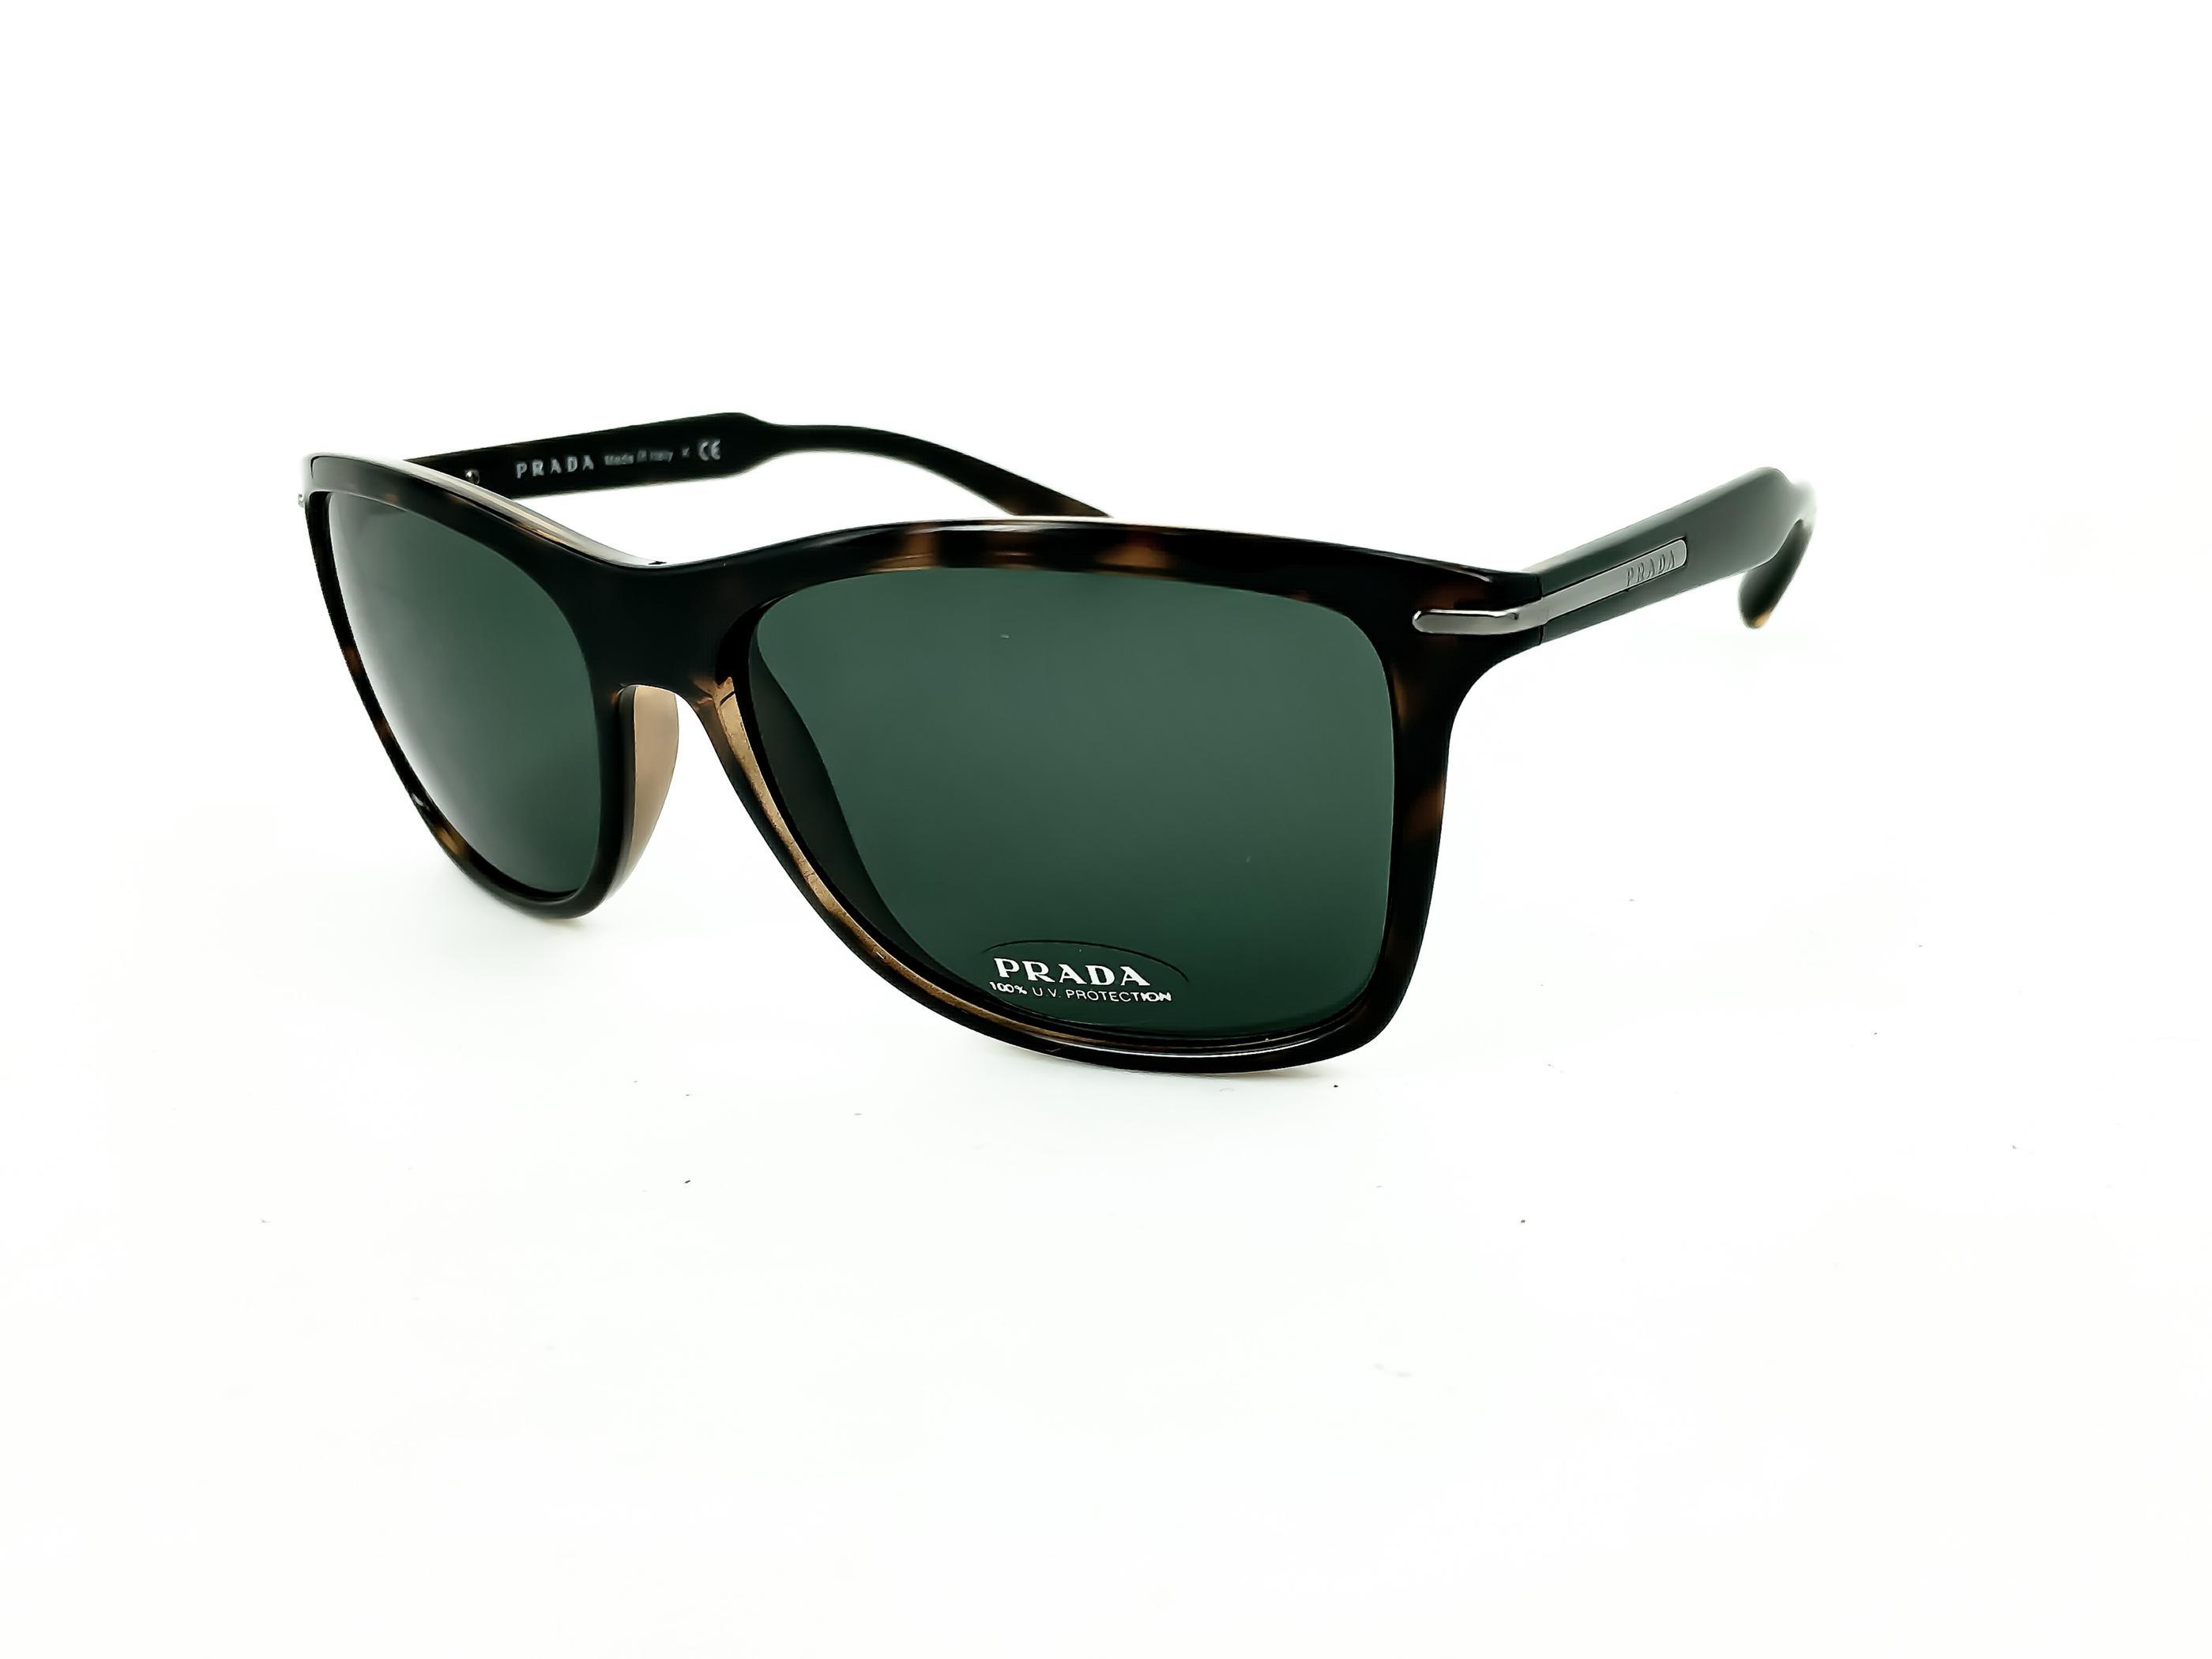 778ed4e422 Τα γυαλιά ηλίου PRADA SPR 10O 2AU-3O1 έχουν καφέ κοκάλινο σκελετό σε  τετράγωνο σχήμα